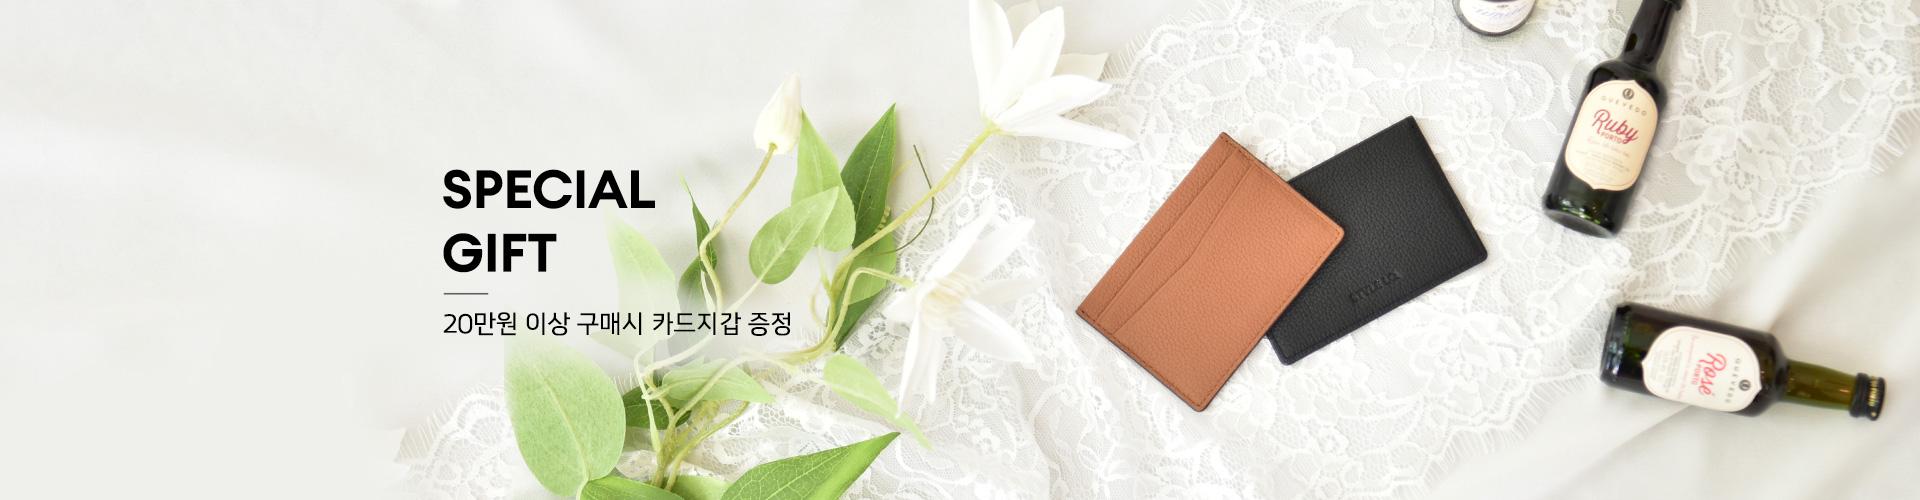 [이벤트] 카드지갑증정